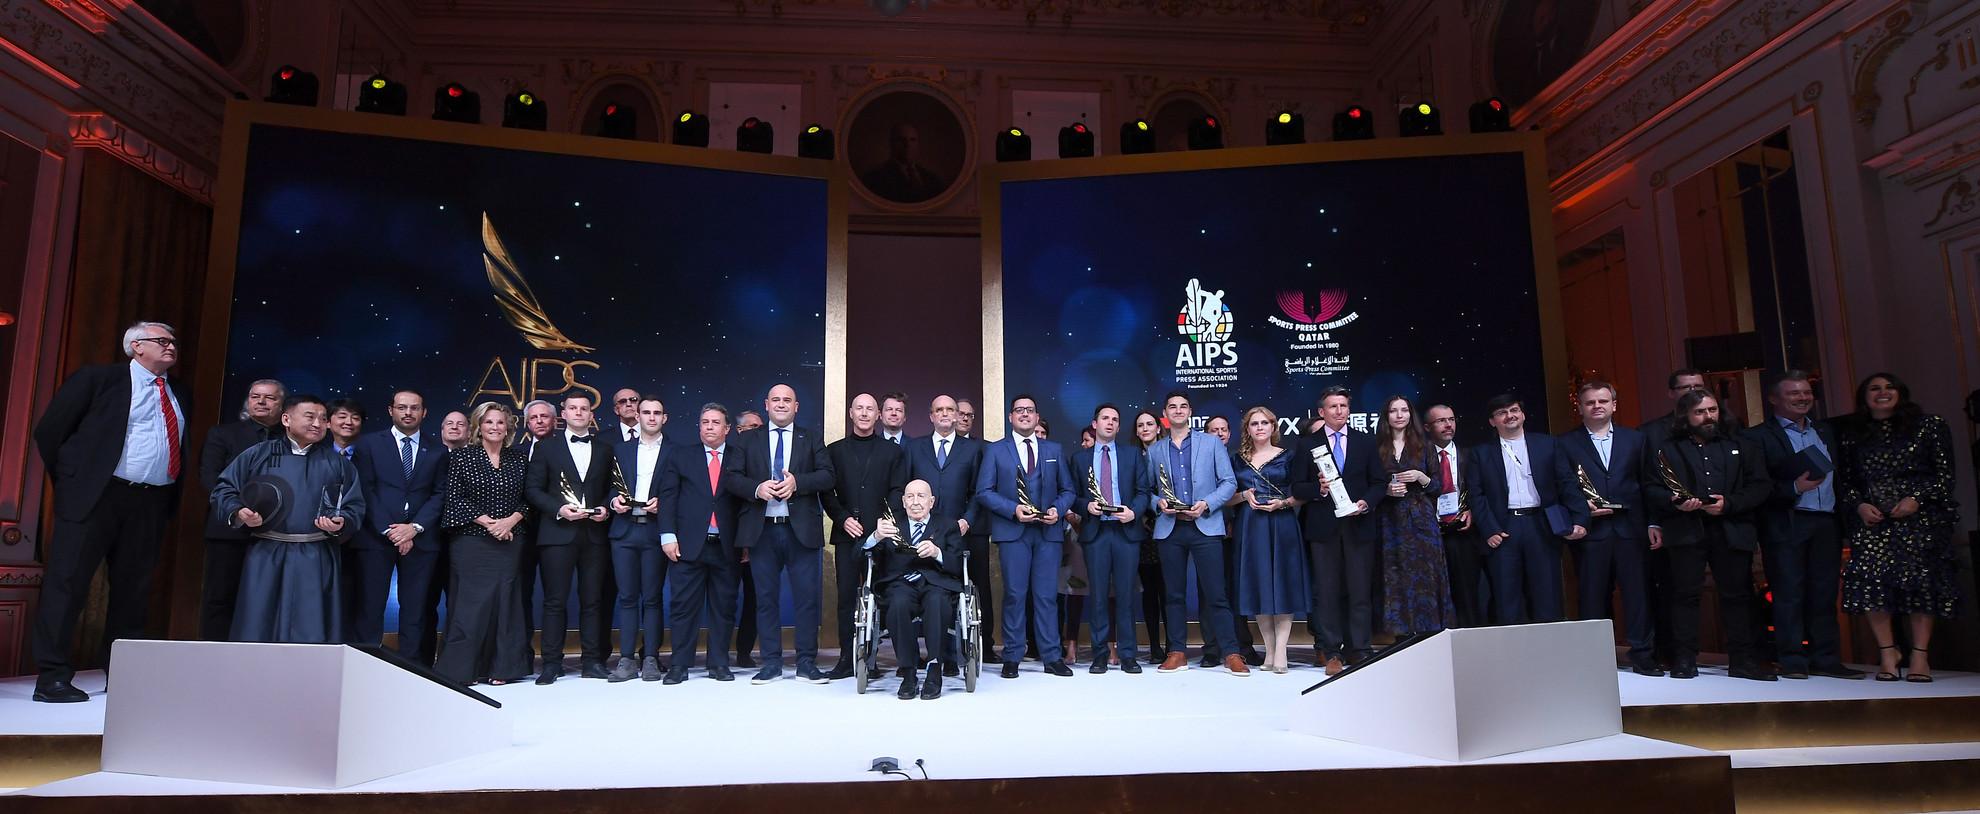 A díjazottak és a díjátadók a Nemzetközi Sportújságíró Szövetség (AIPS) budapesti kongresszusa díjátadó gáláján a Corinthia hotelben